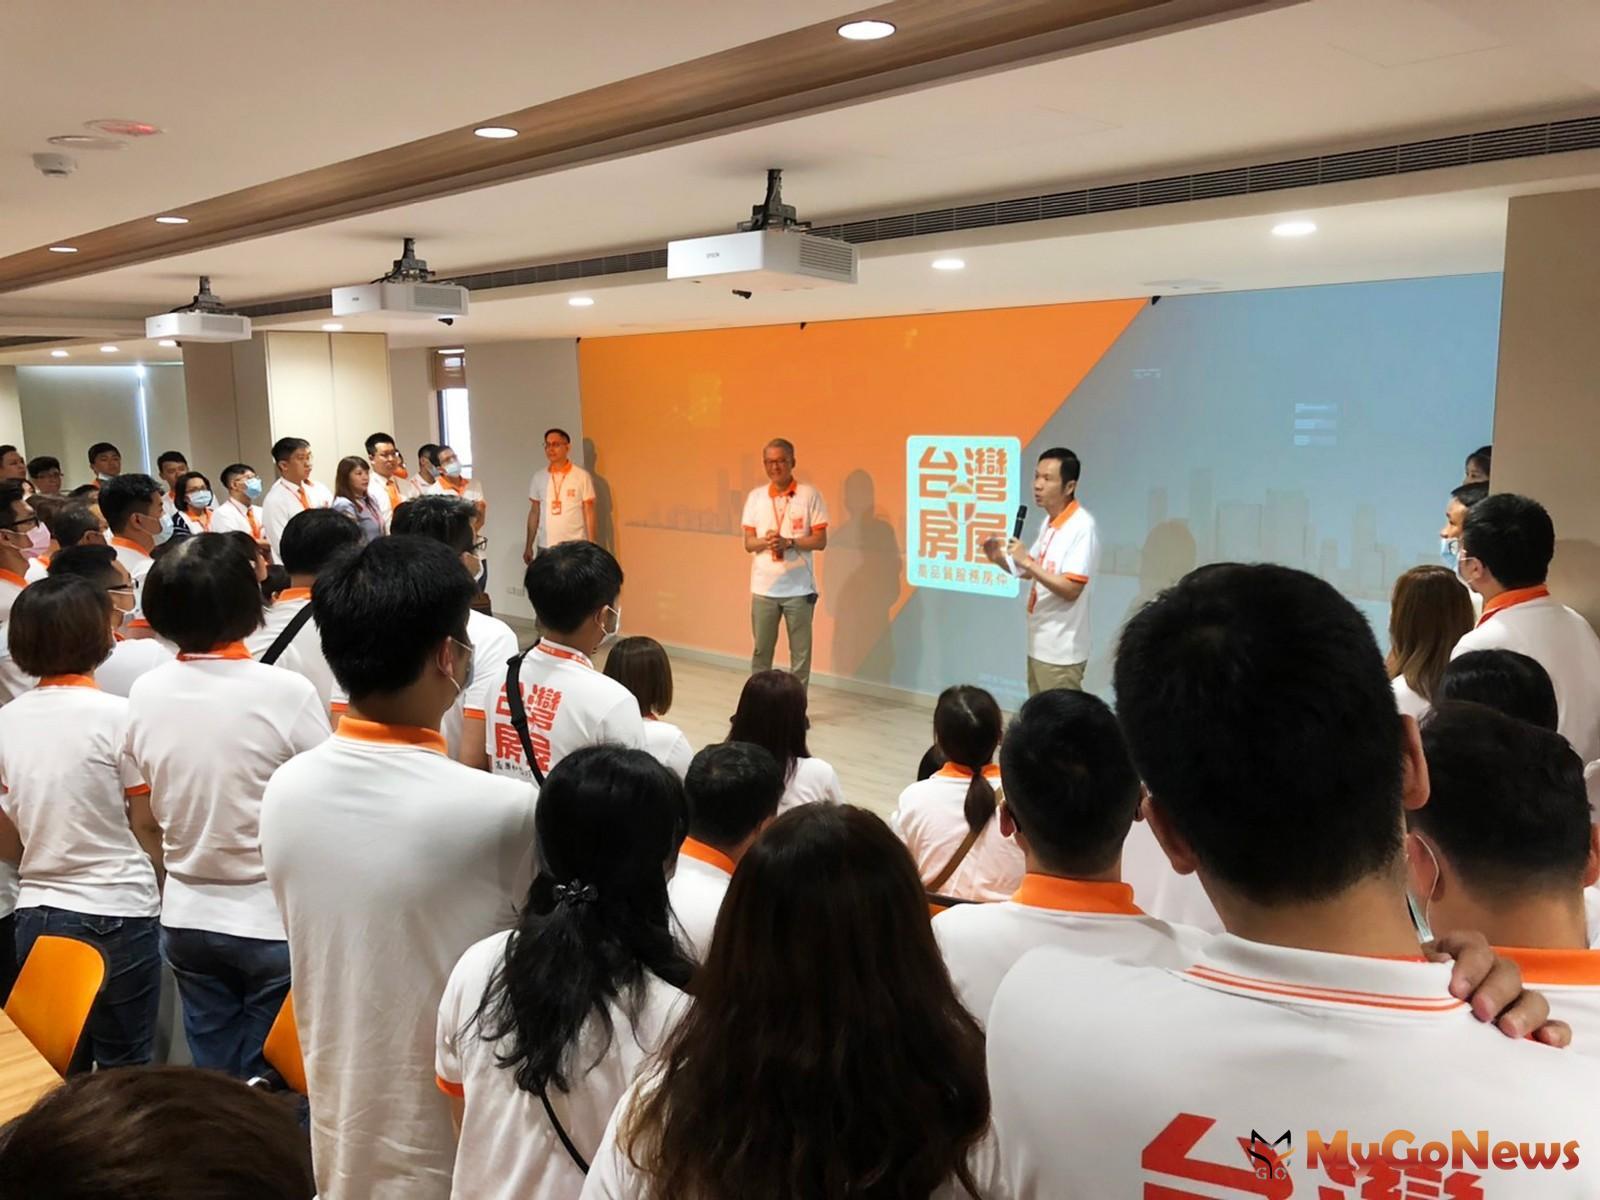 台灣房屋跨行履歷增2成3,轉戰房仲看上這兩點(圖:台灣房屋) MyGoNews房地產新聞 市場快訊